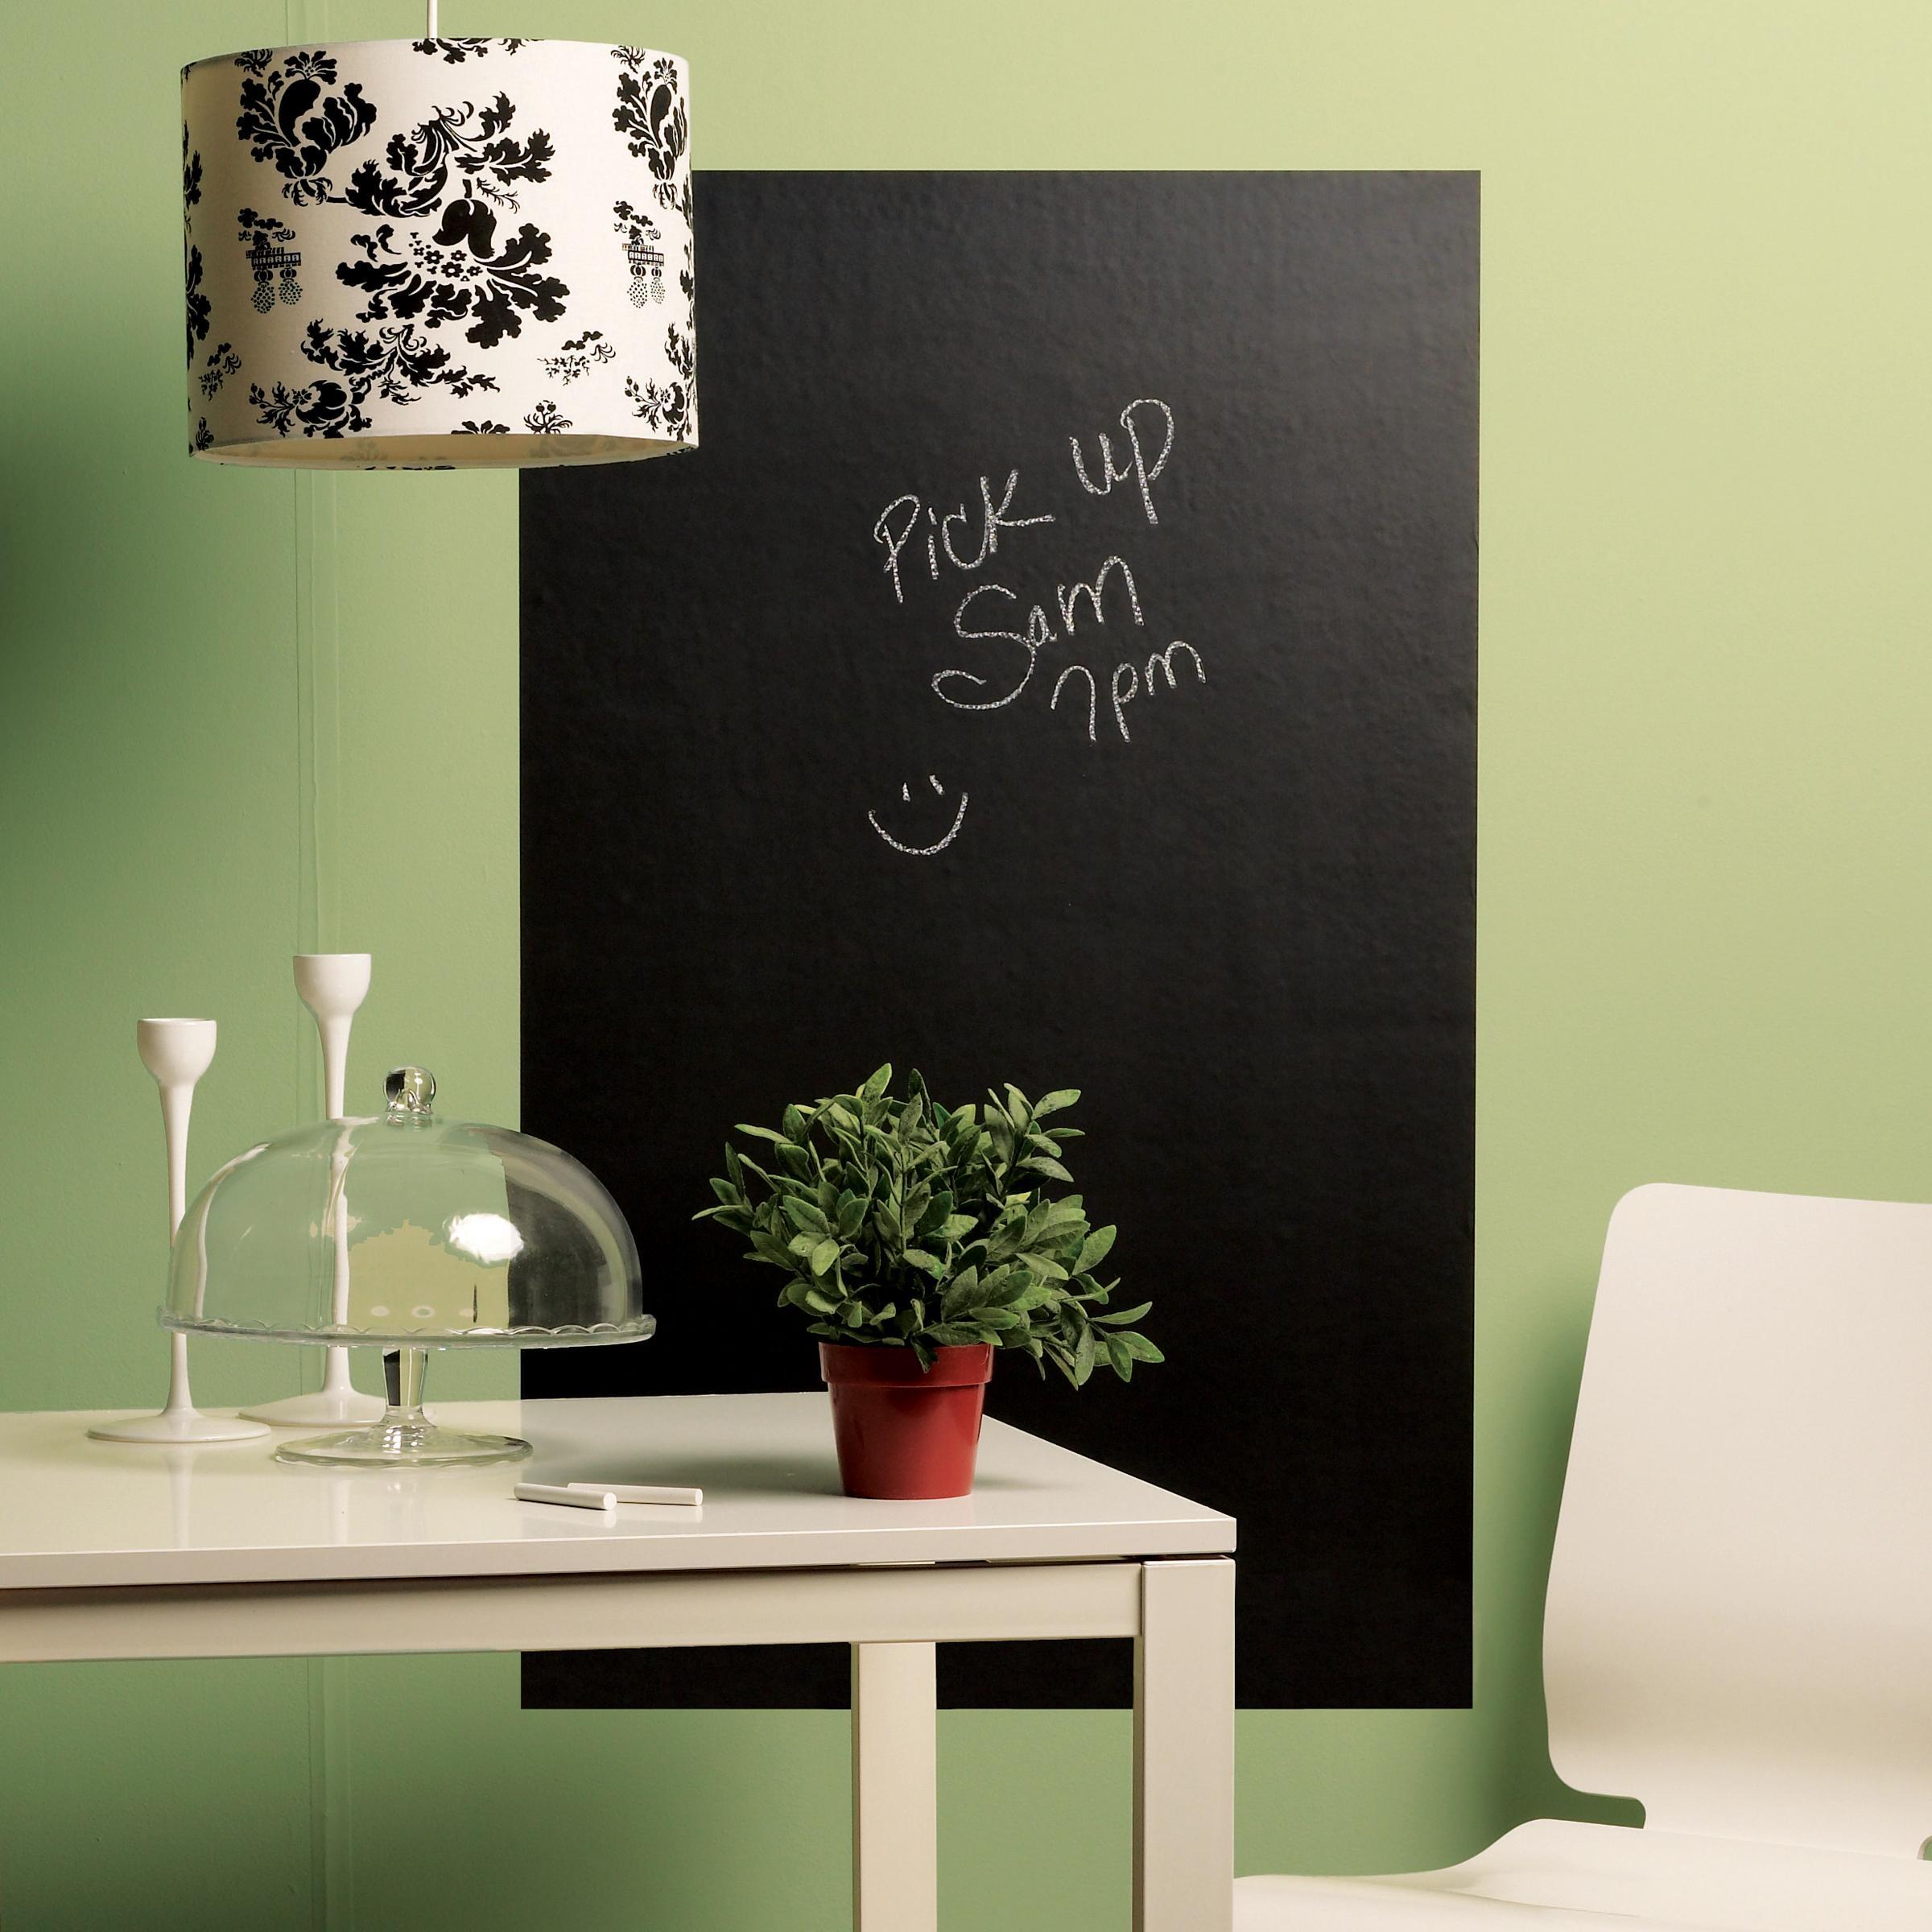 Chalkboard Panels 4 Wall/'s Slate Gray Black Board Chalk Wall Mural Sticker Decal